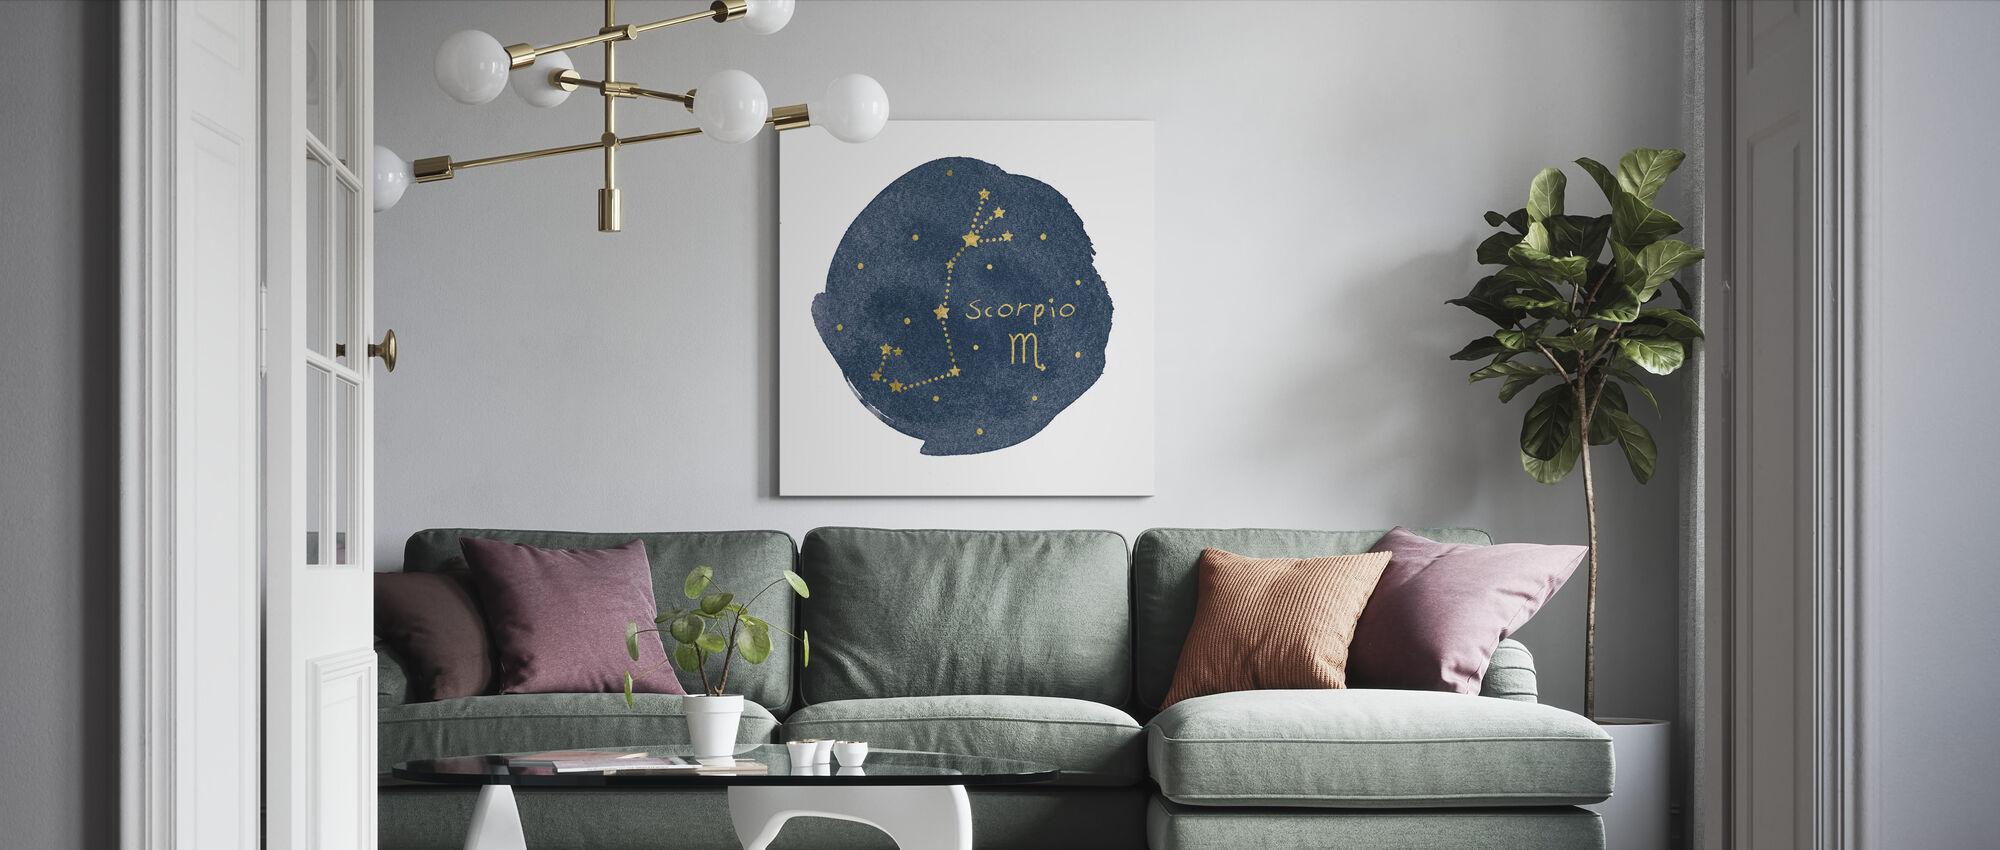 Horoskop Skorpionen - Lerretsbilde - Stue